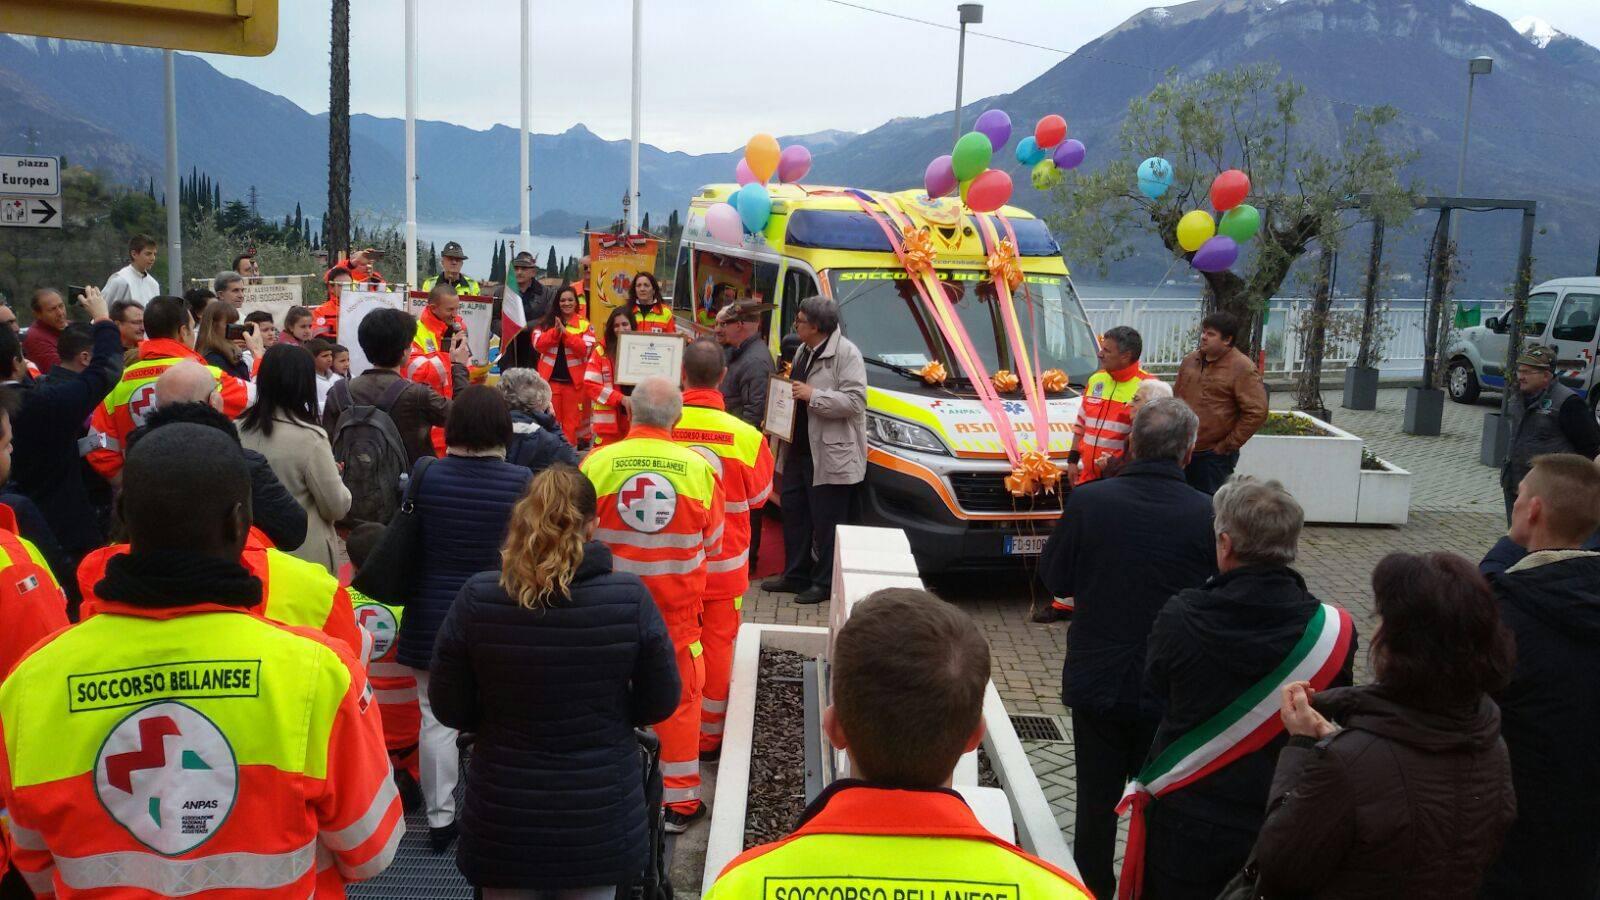 Perledo inaugurazione ambulanza soccorso bellanese 2